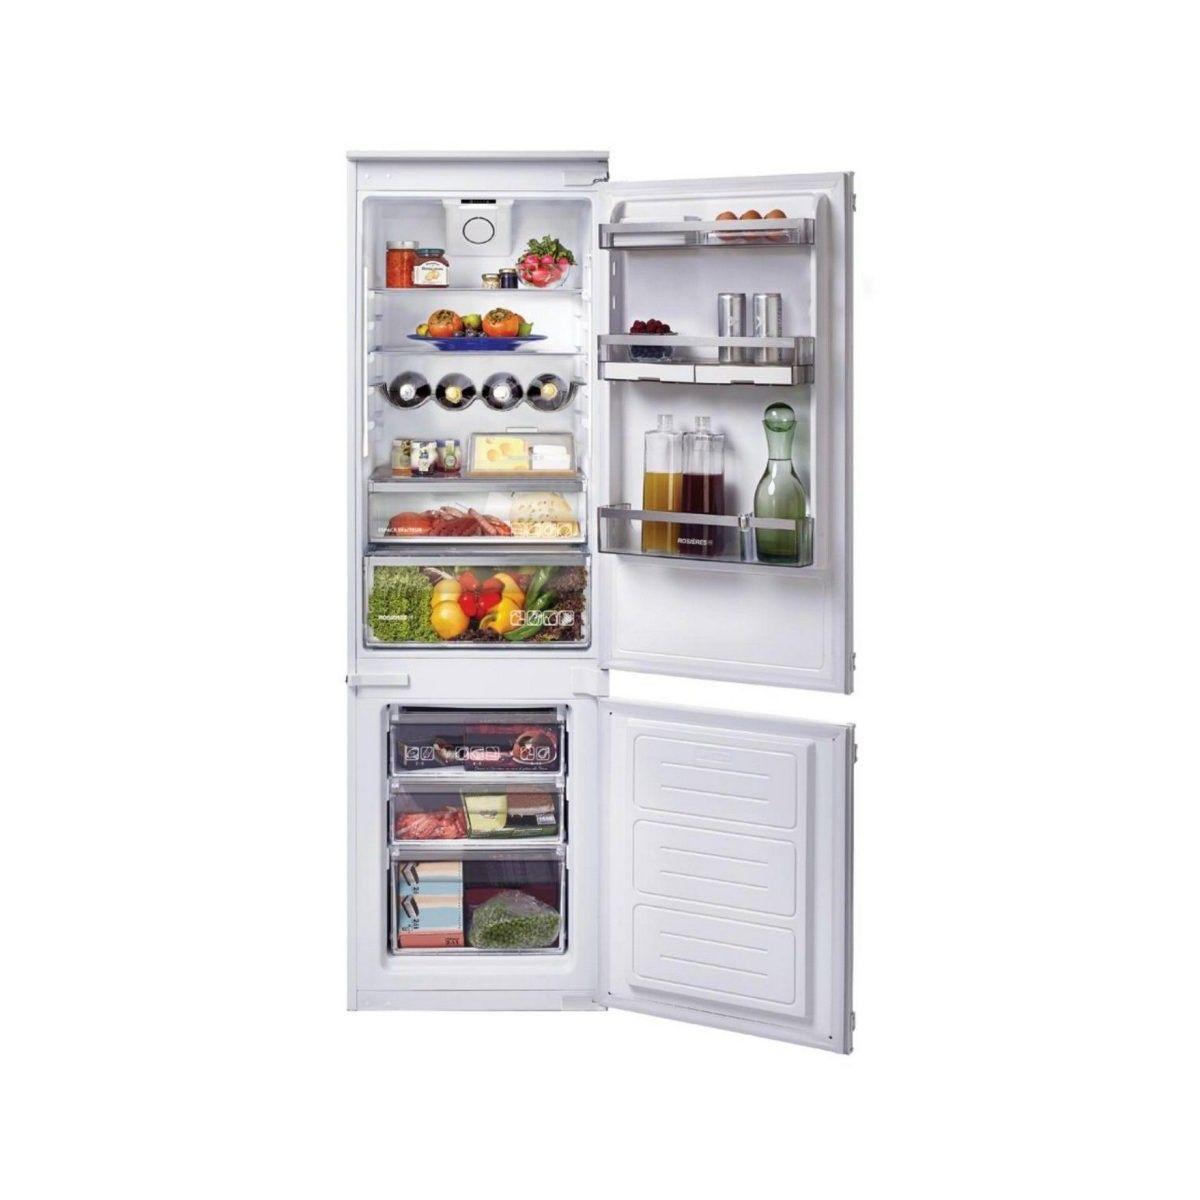 Photo Réfrigérateur Combiné Intégrable Rosières RBBS172/N